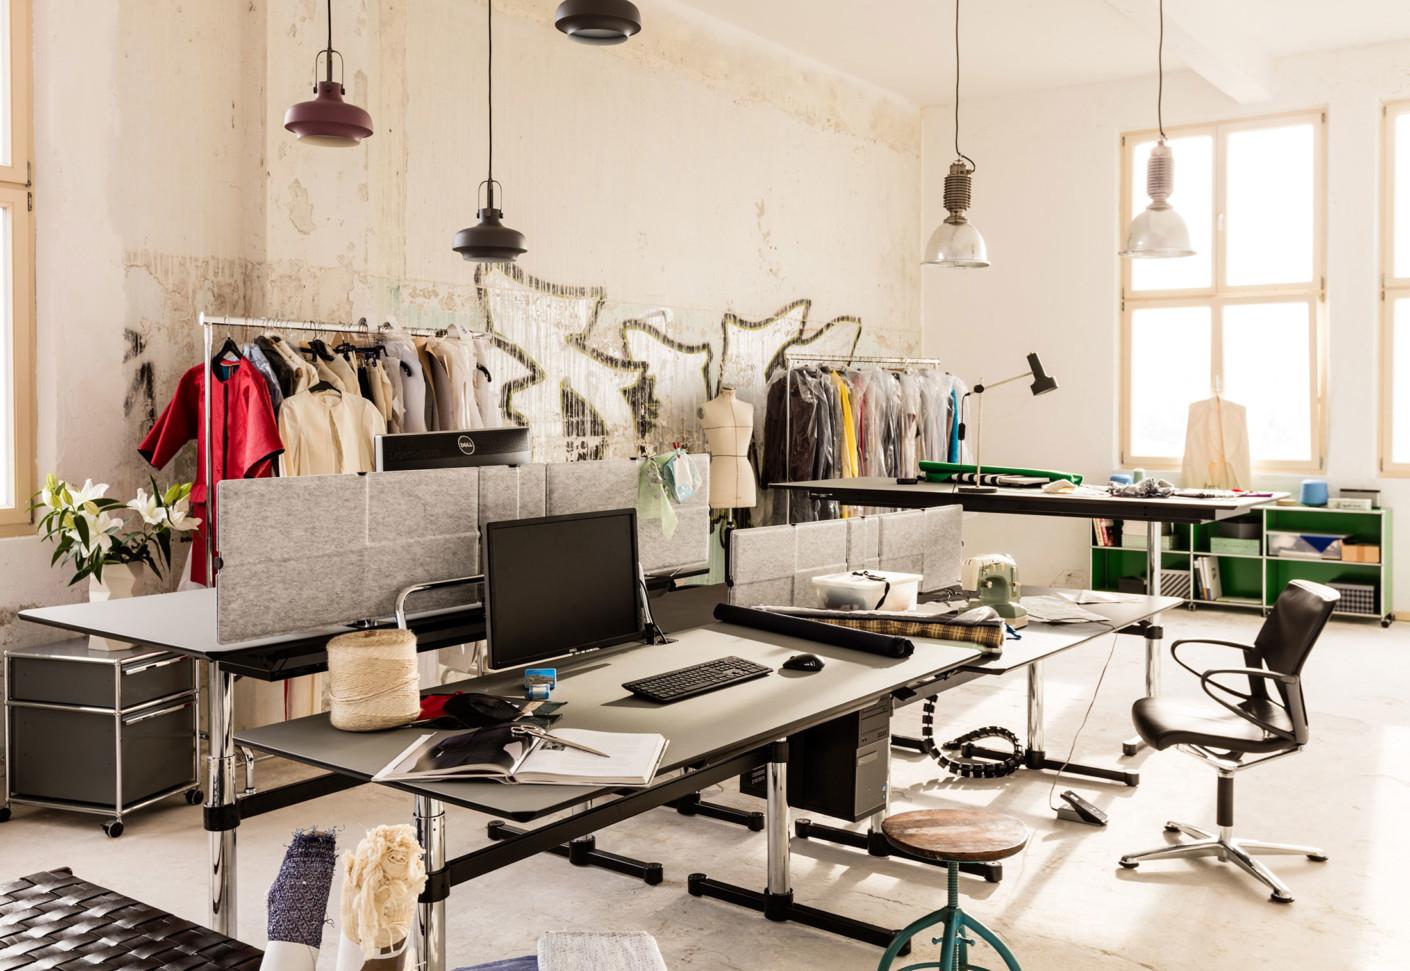 usm kitos m by usm stylepark. Black Bedroom Furniture Sets. Home Design Ideas